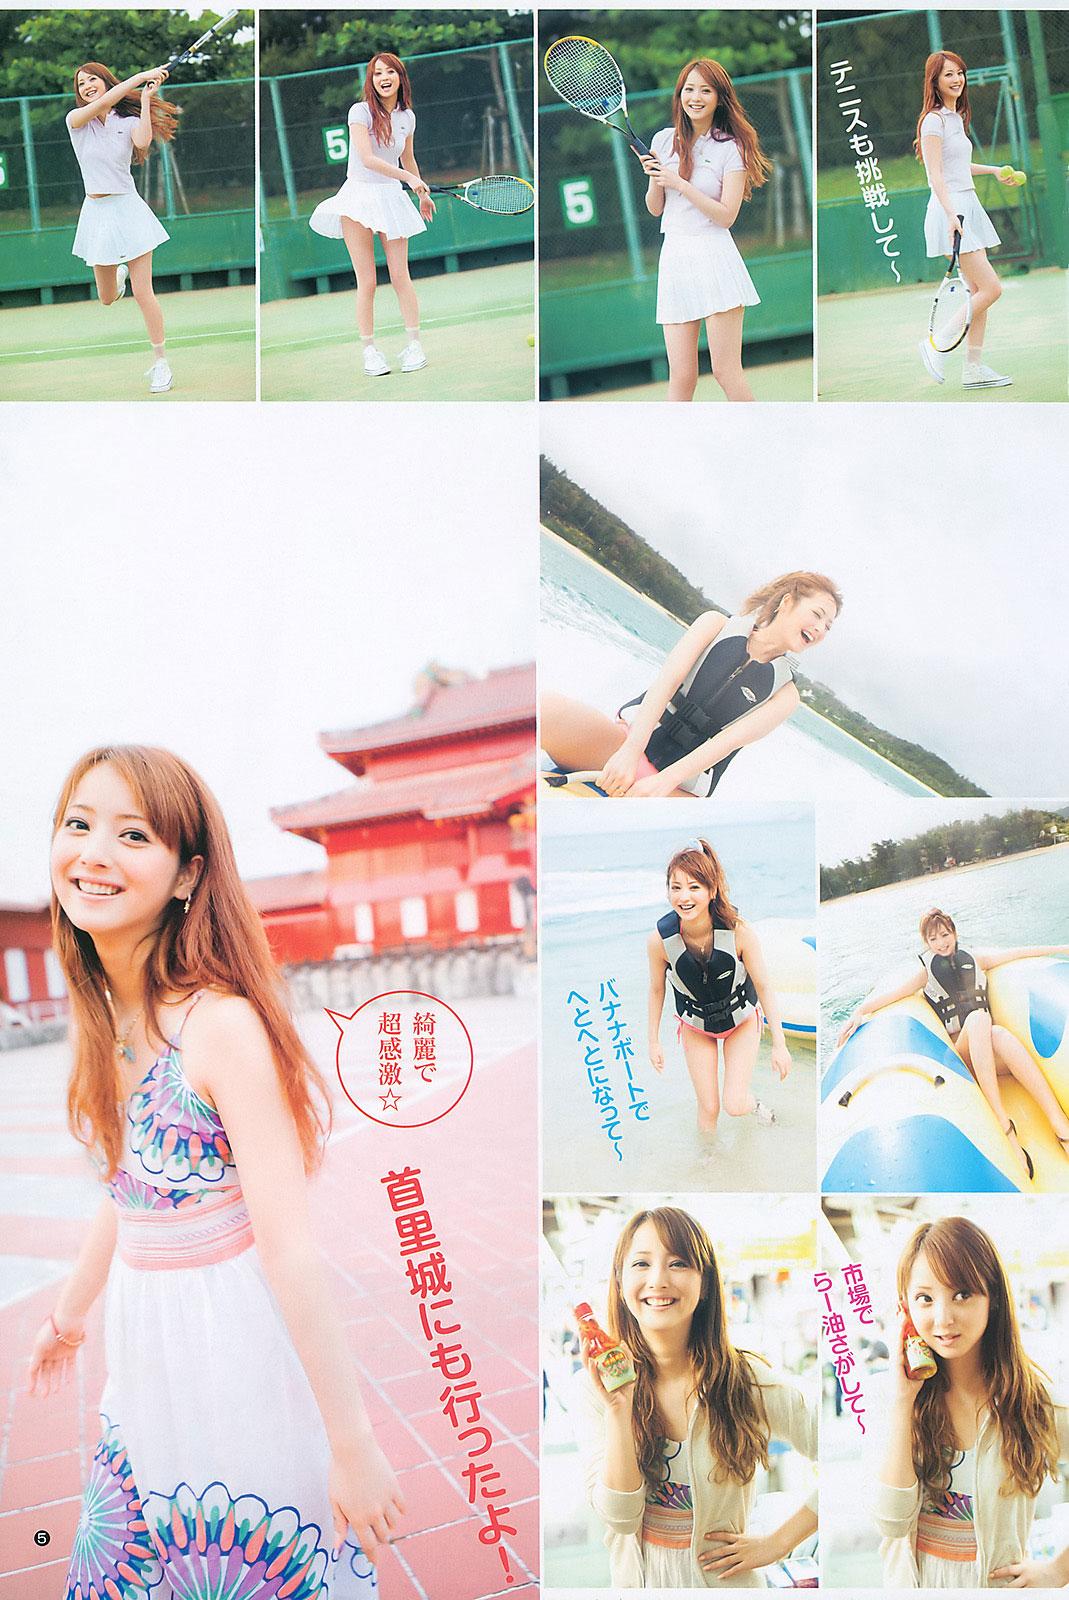 Nozomi Sasaki Okinawa photo book